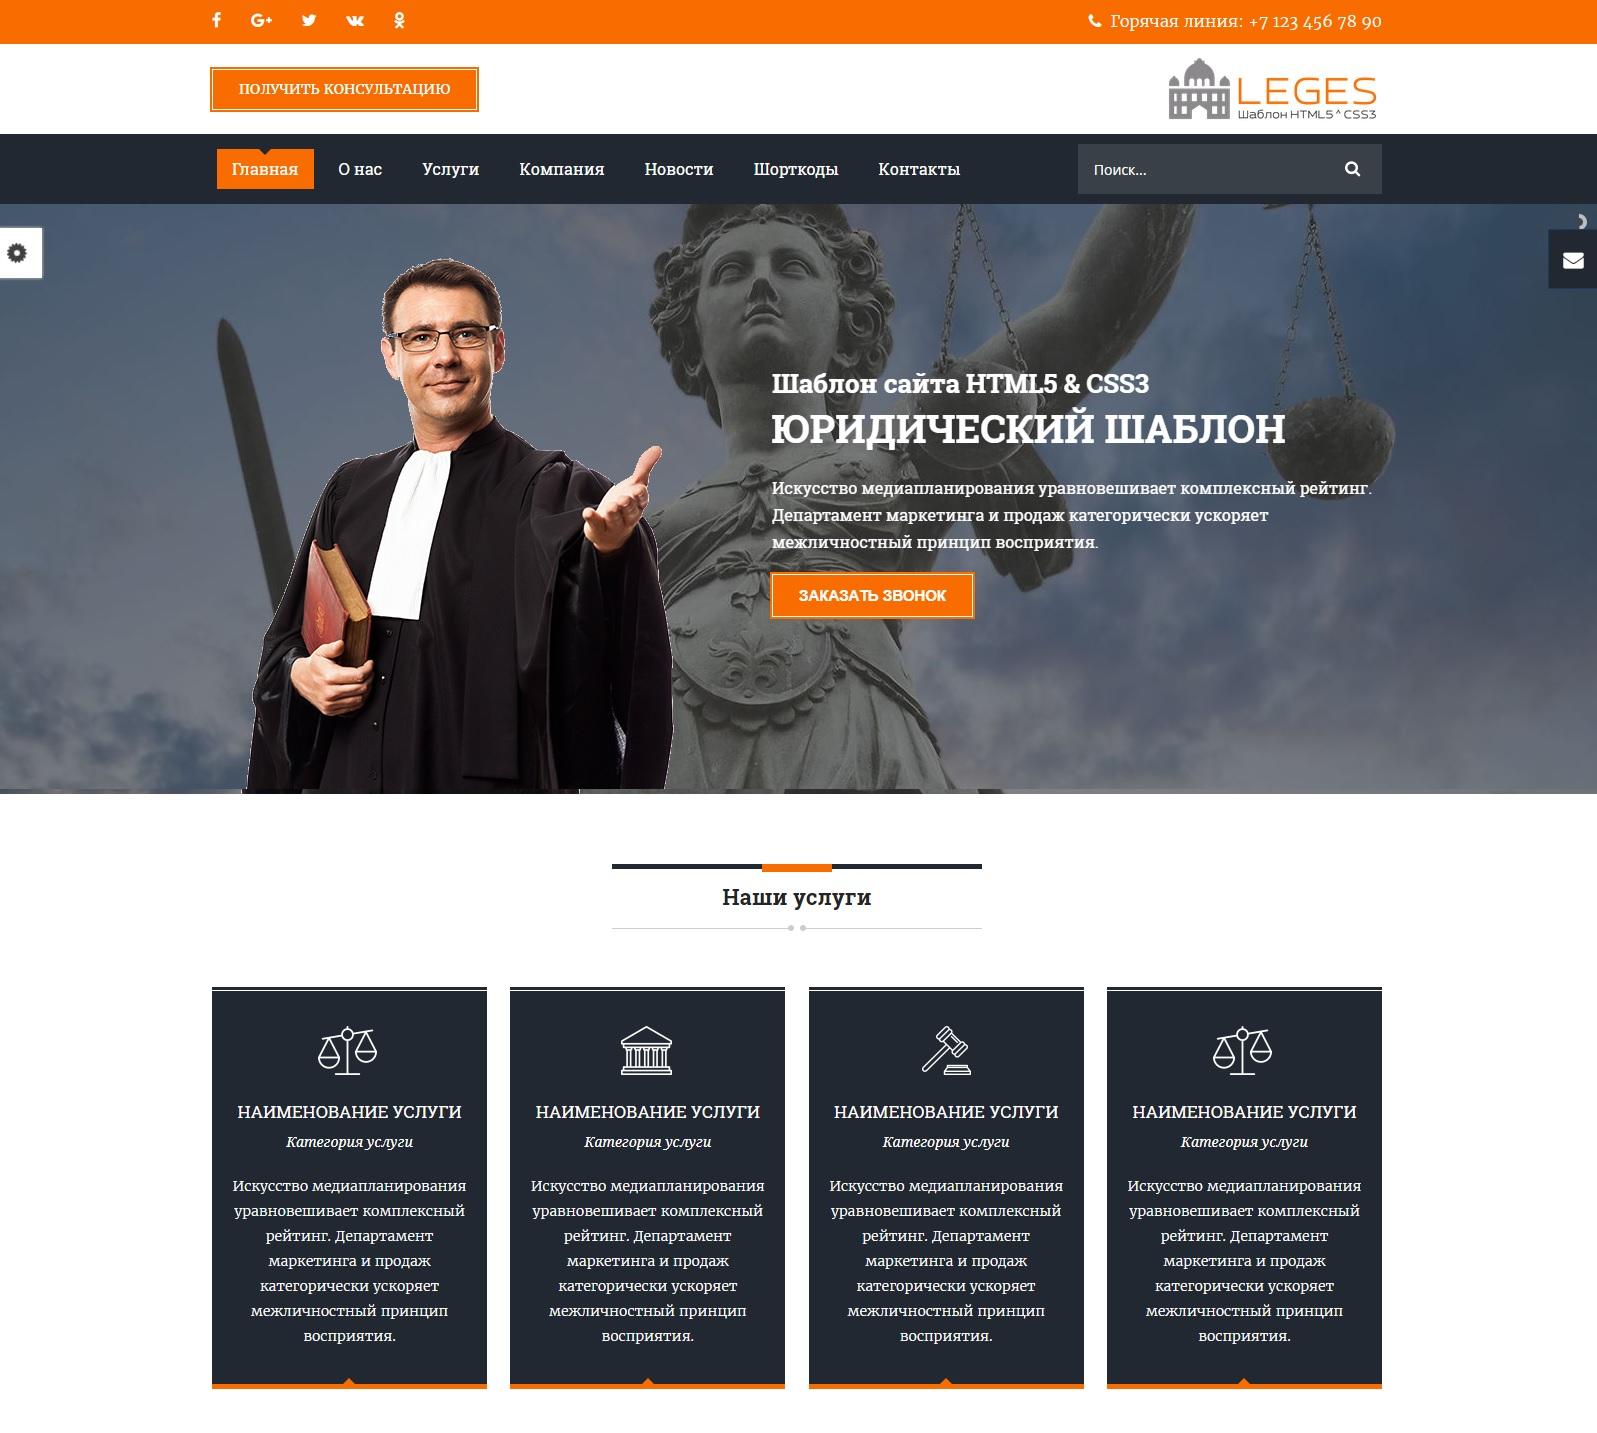 компания транстелеком оренбург официальный сайт